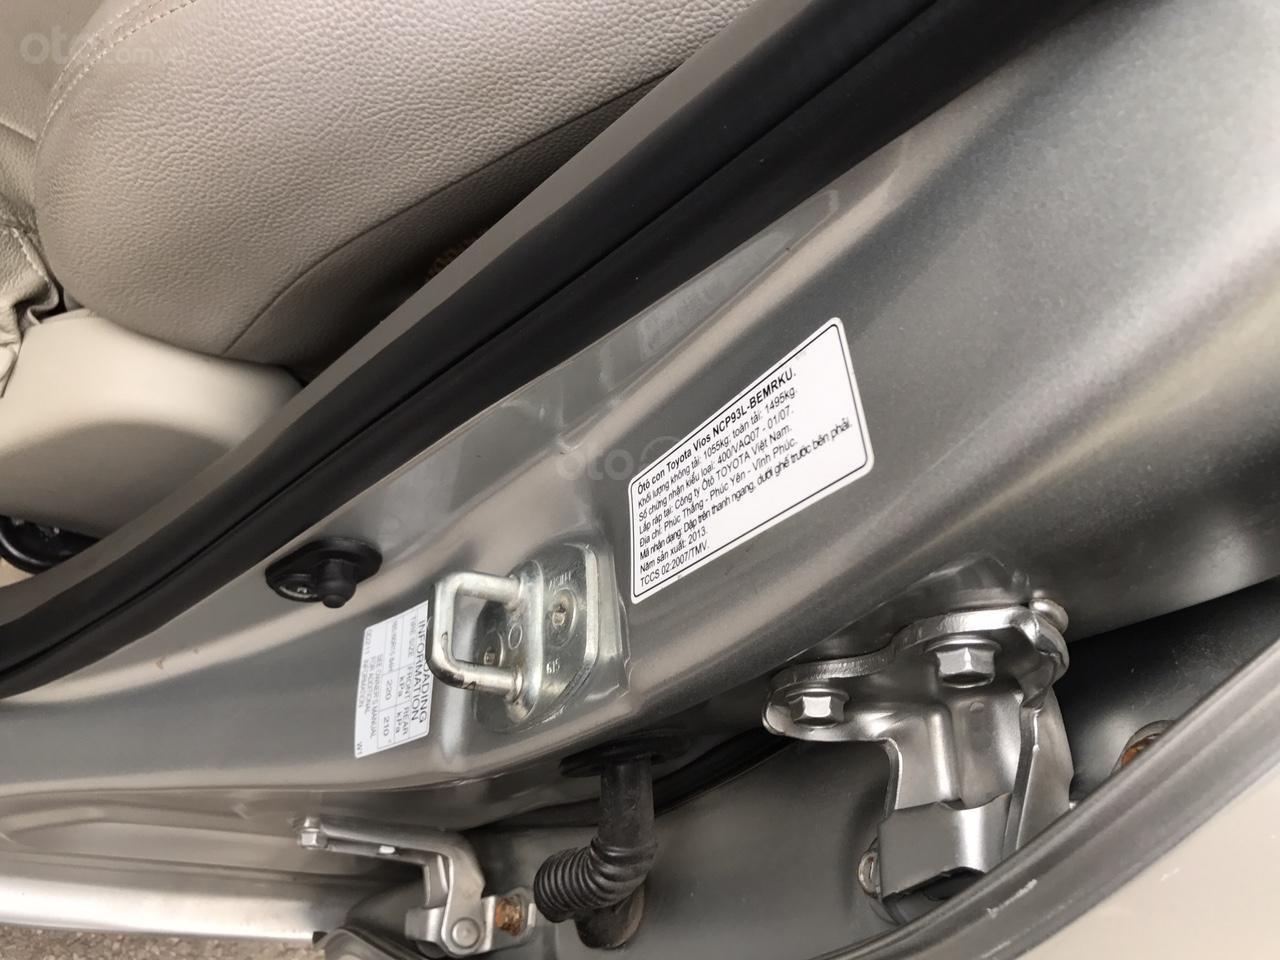 Bán Toyota Vios 1.5 E đời 2013, màu bạc, 380 triệu. Nói không với Limo taxi-19